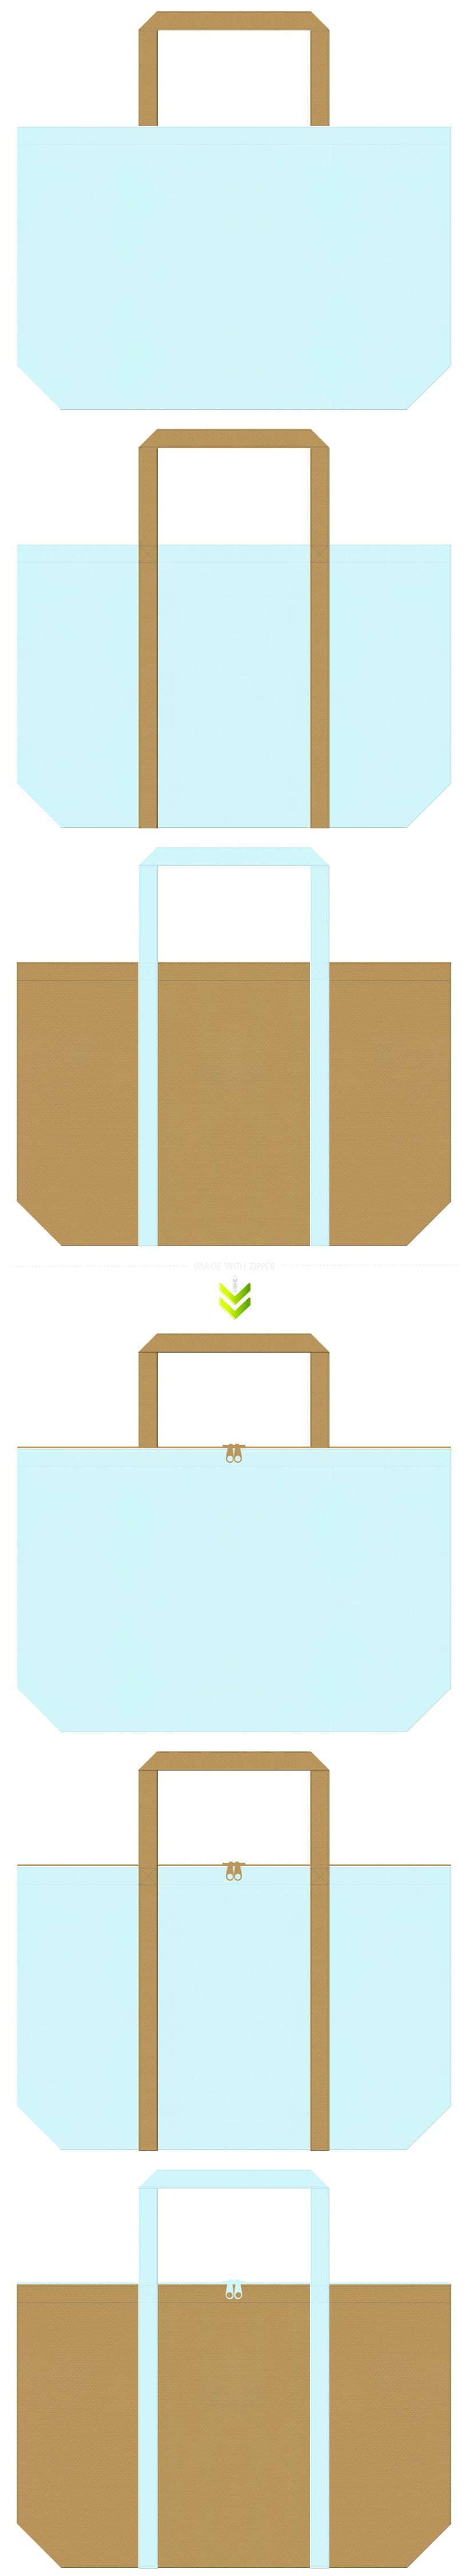 水色と金色系黄土色の不織布エコバッグのデザイン。ガーリー・フェミニンのイメージにお奨めです。